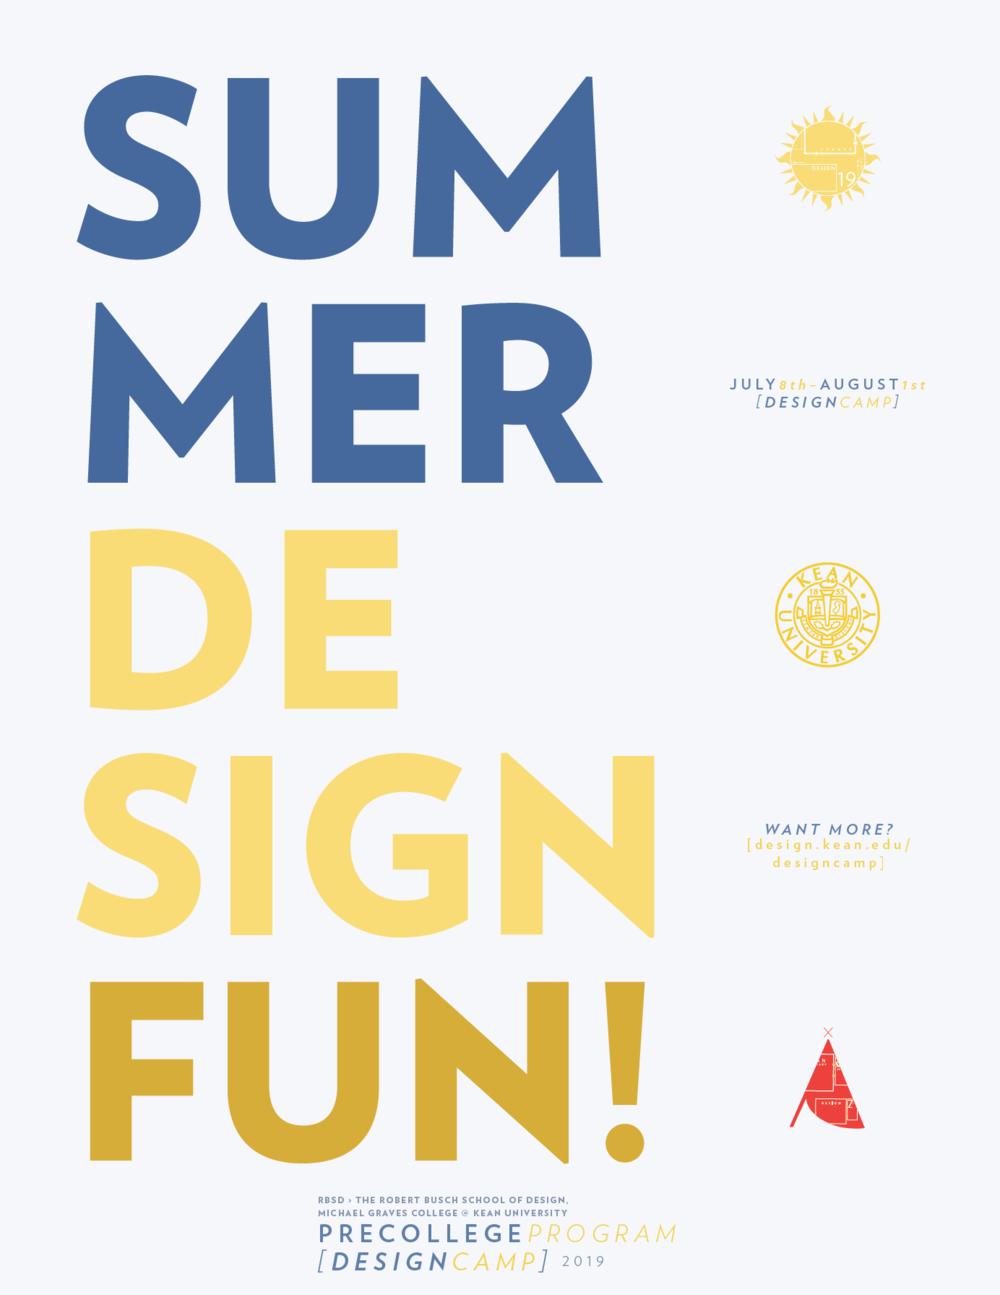 2019 Design Camp